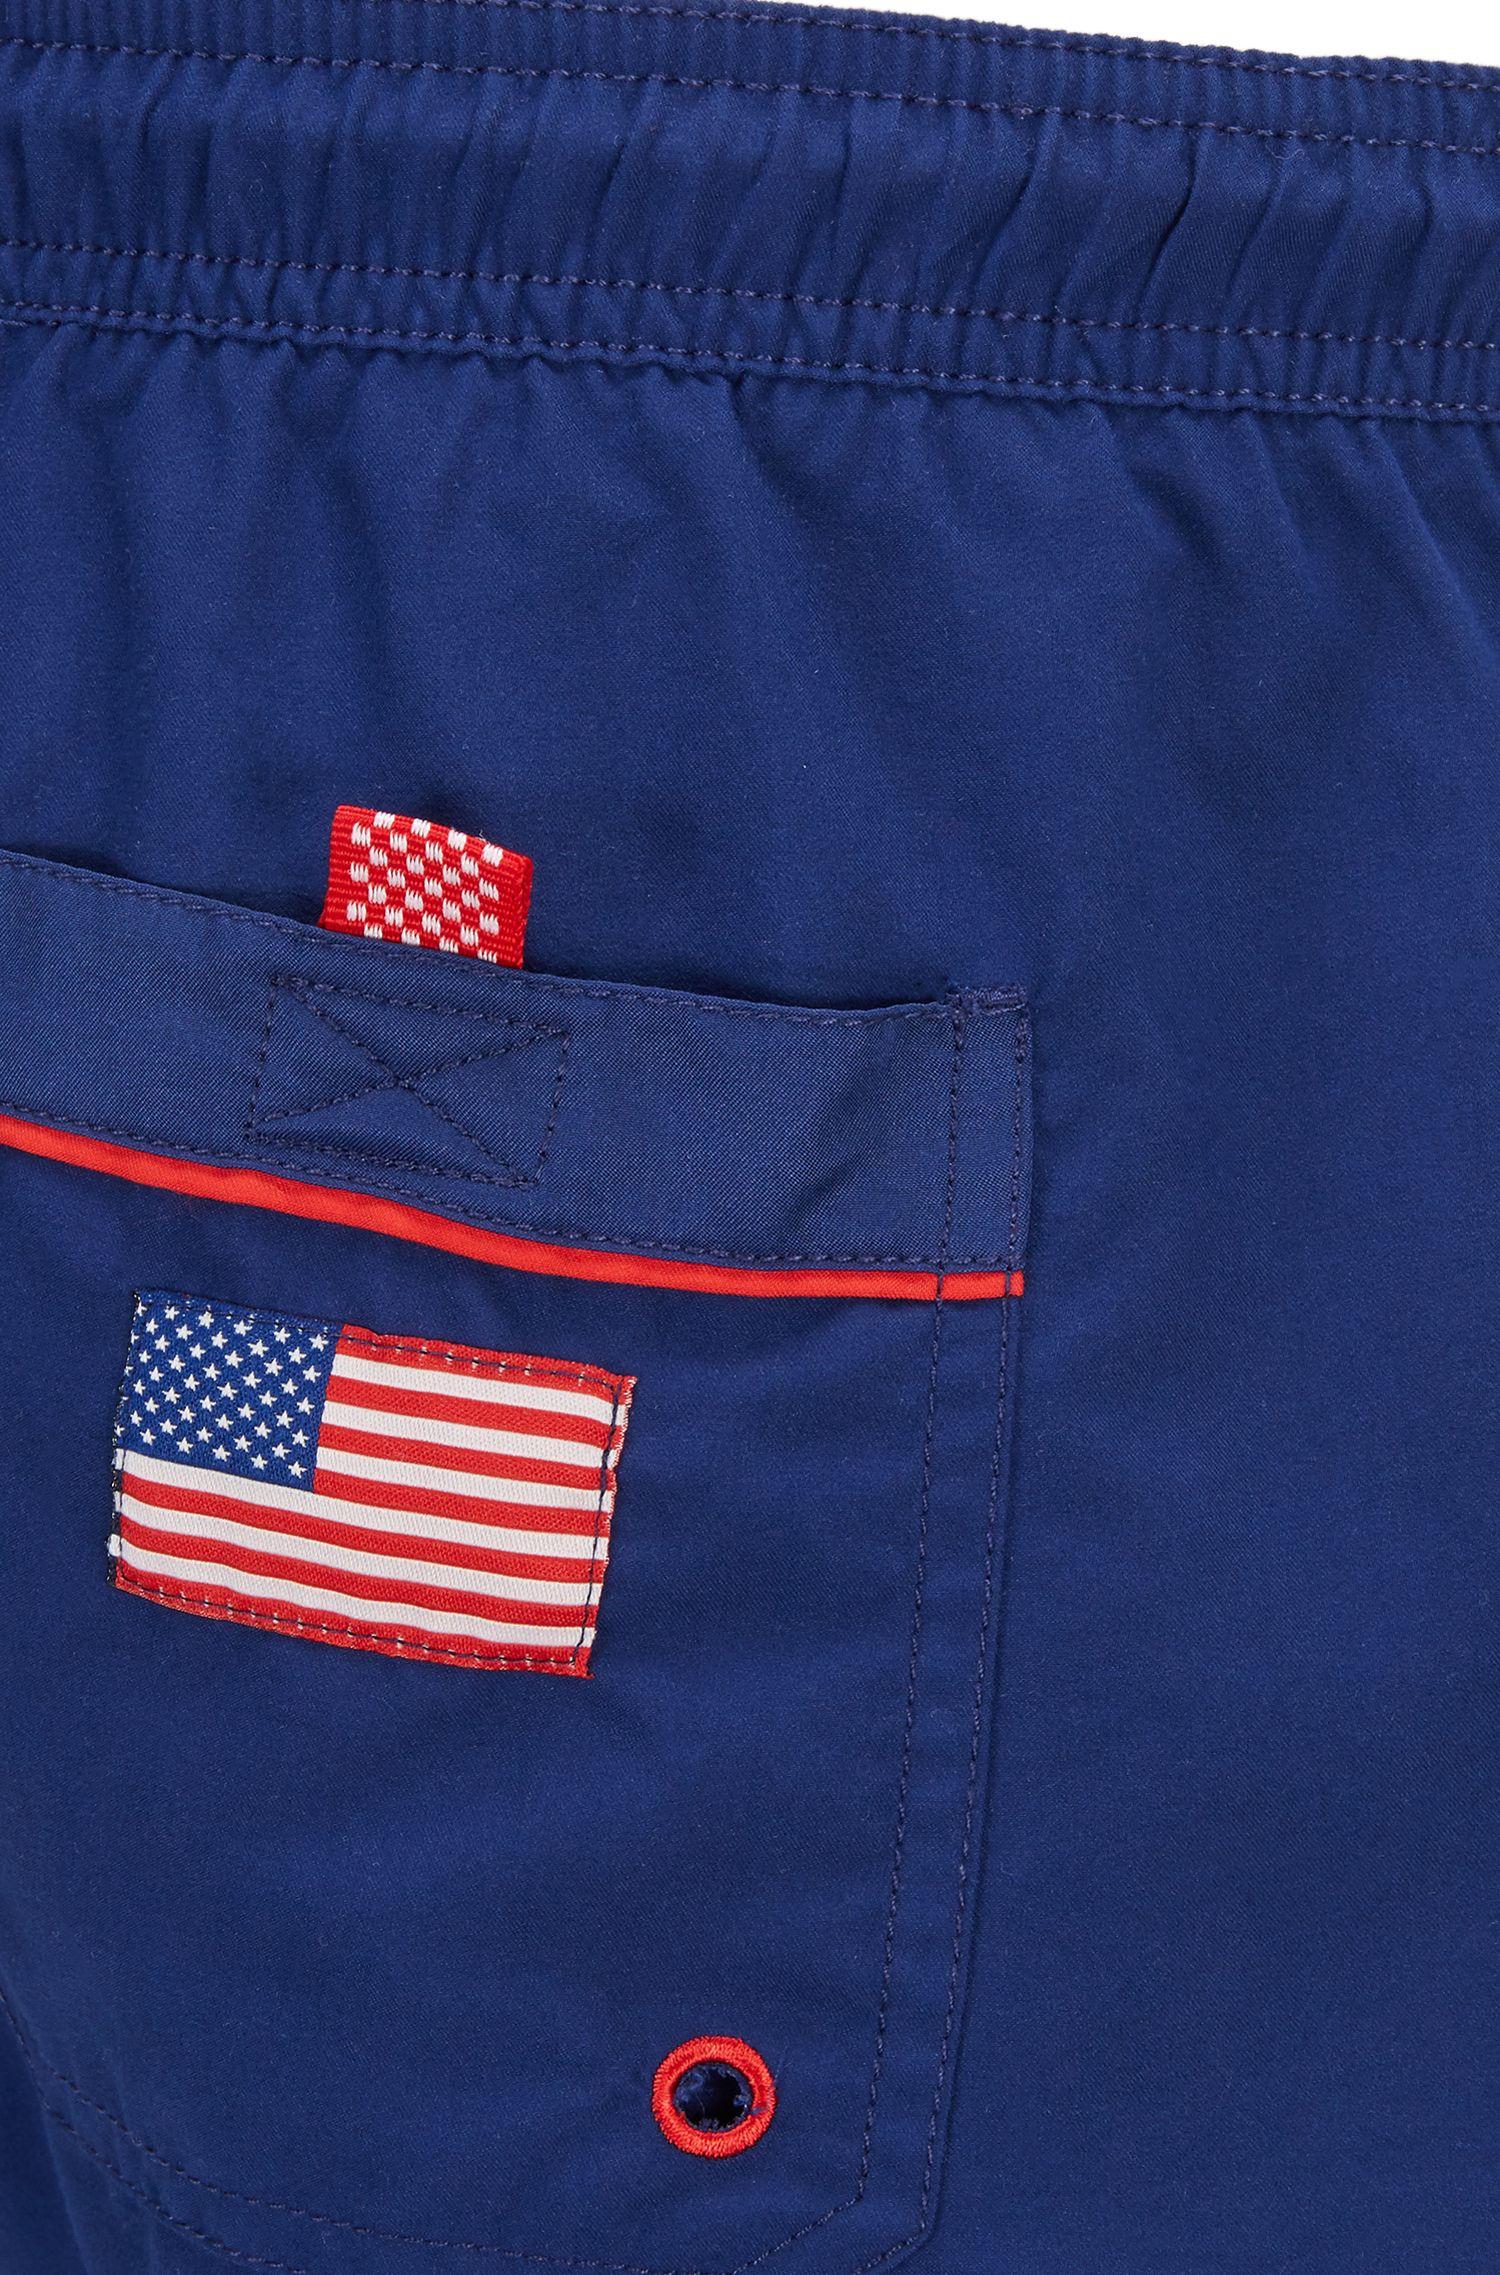 Bañador tipo shorts ligero con detalle de bandera